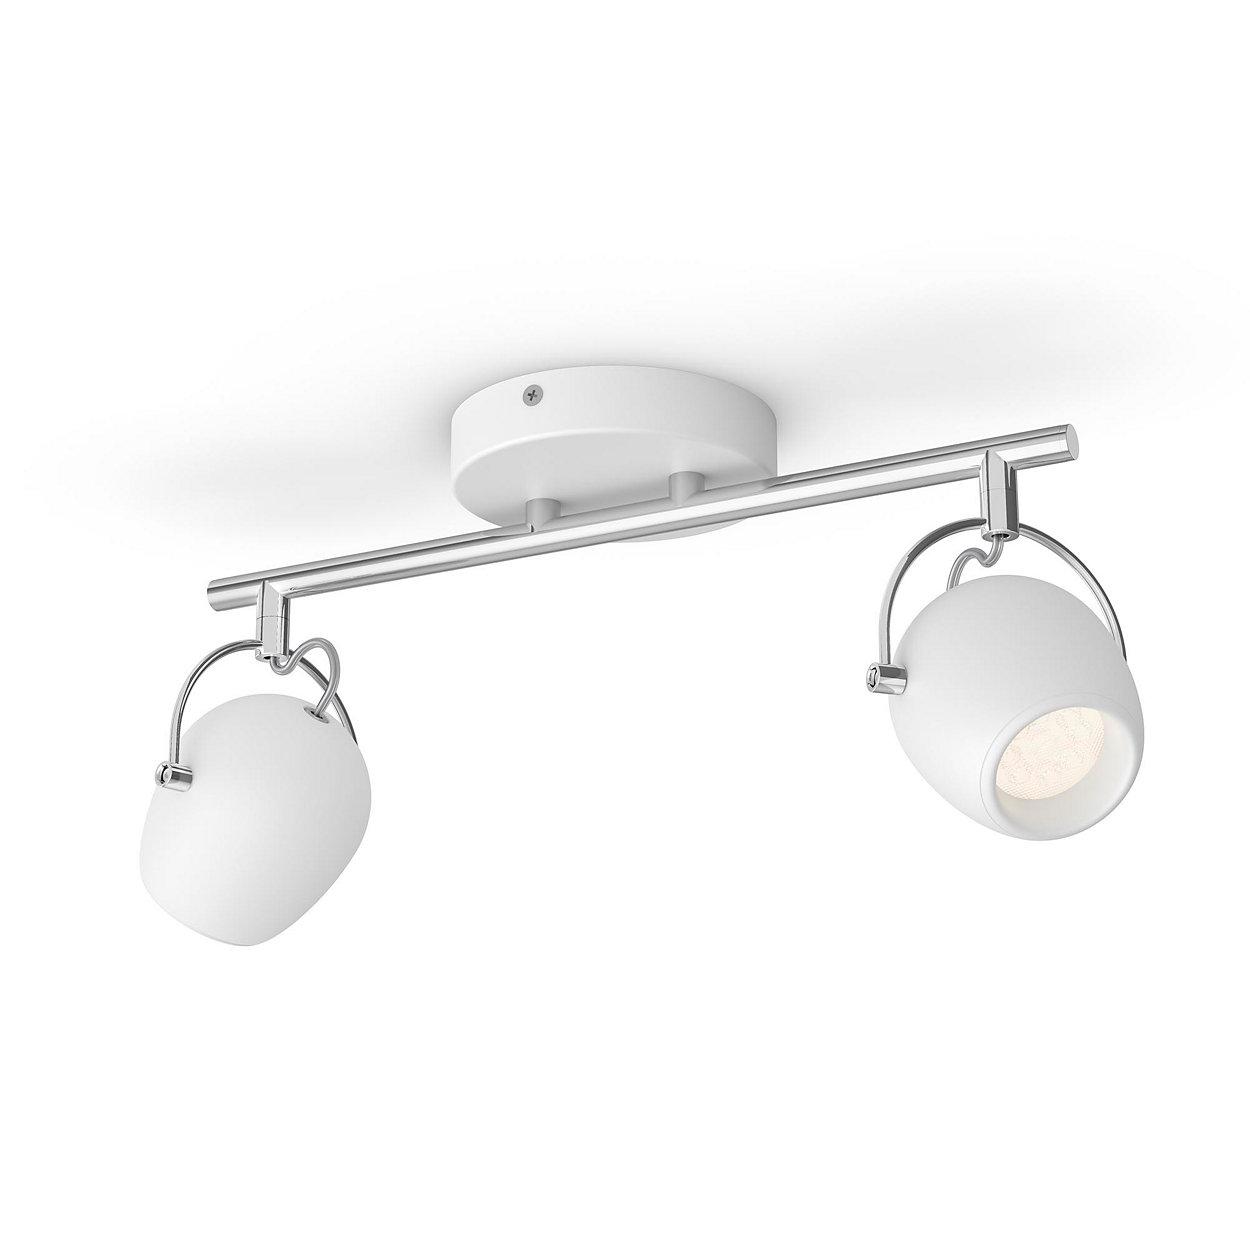 Komfortable LED-Beleuchtung, die Ihre Augen schont